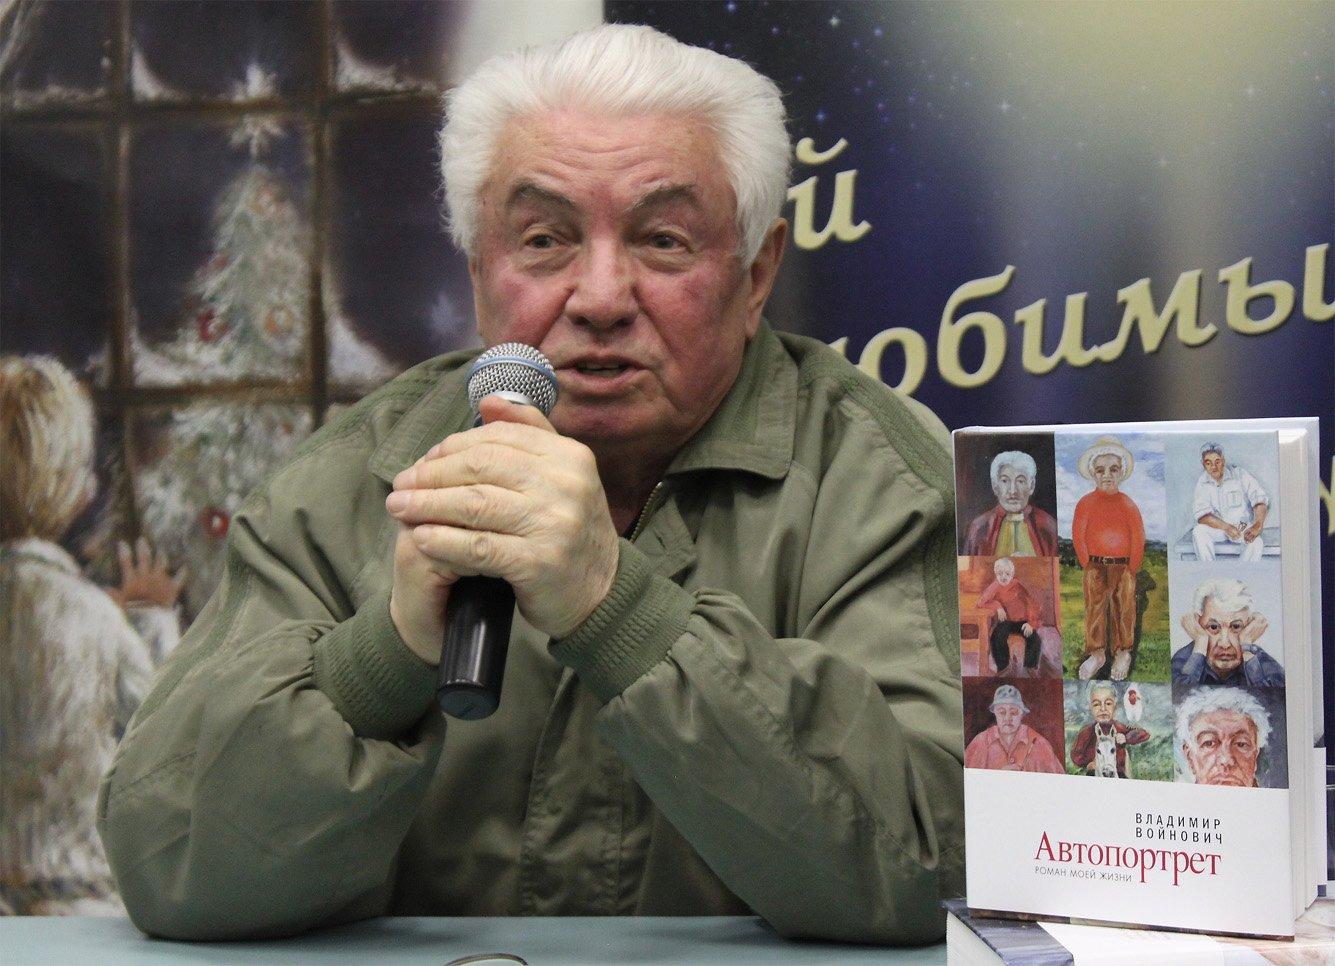 Владимир Войнович вспоминает о Запорожье конца 1940-х, - цитаты и ВИДЕО, фото-1